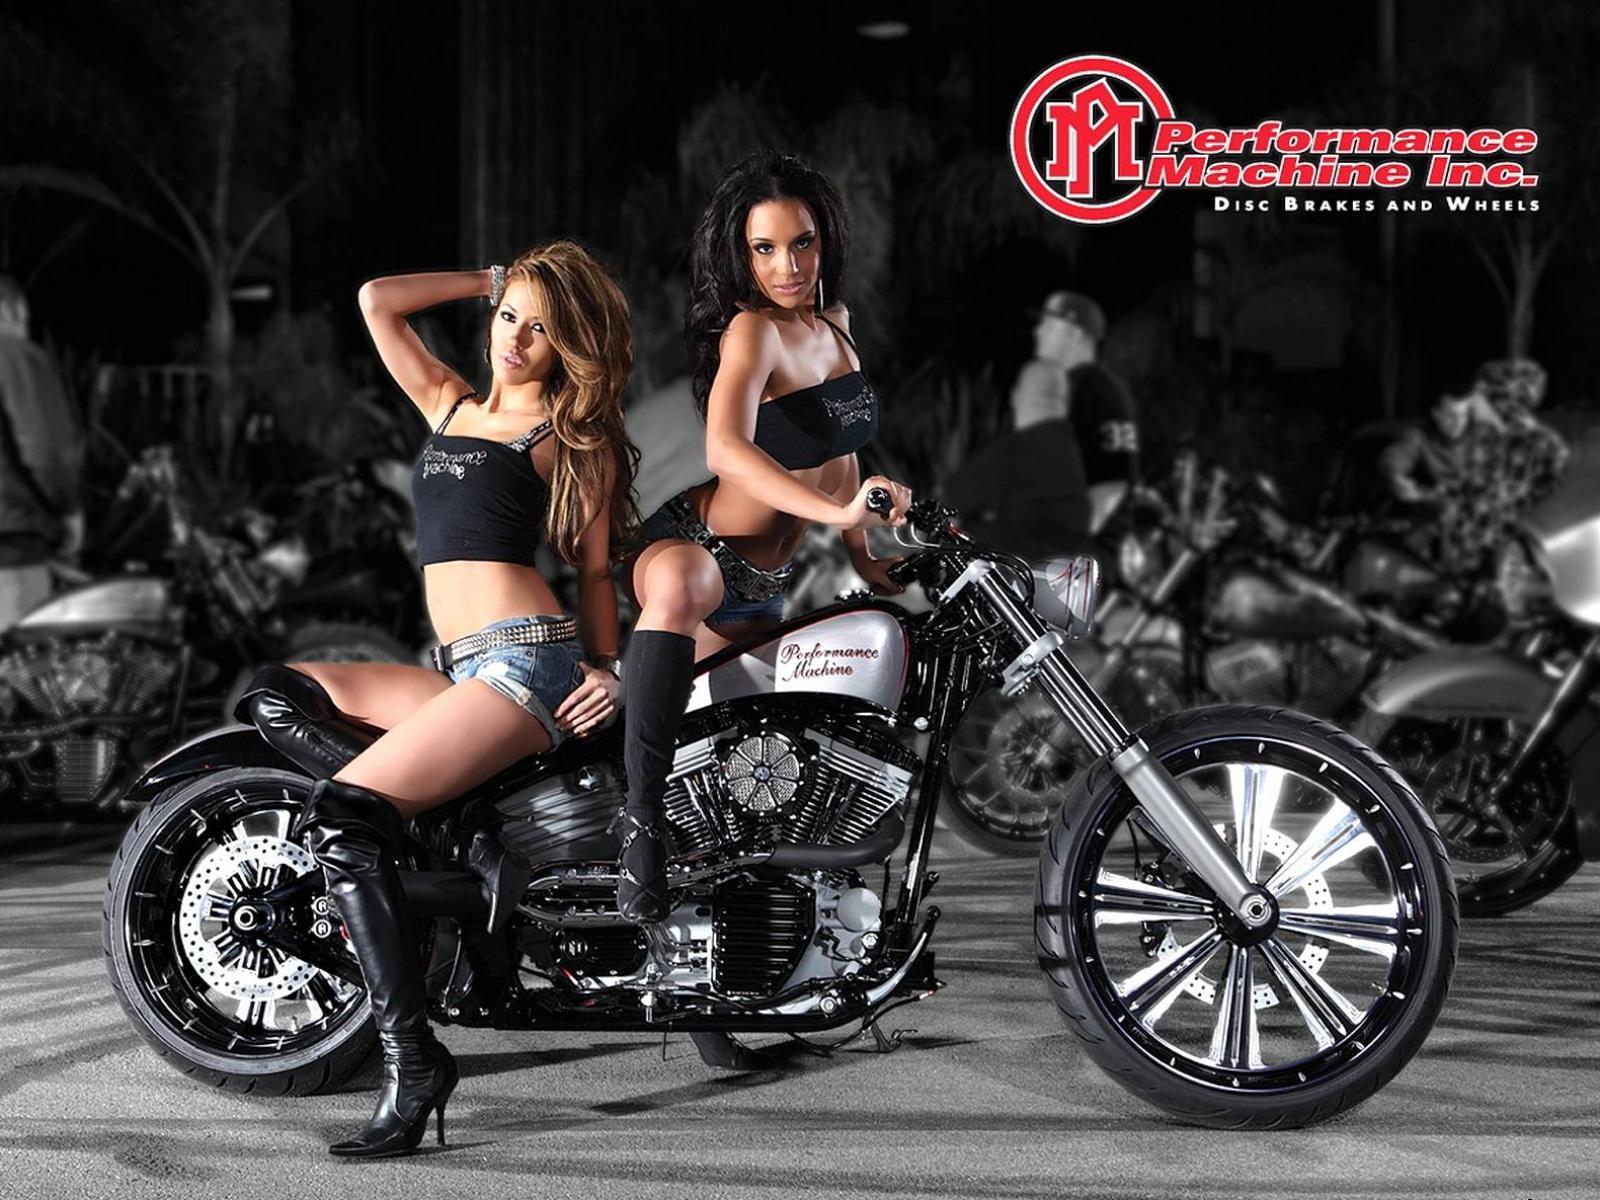 Сексуальная девушка и мотоцикл 1 фотография